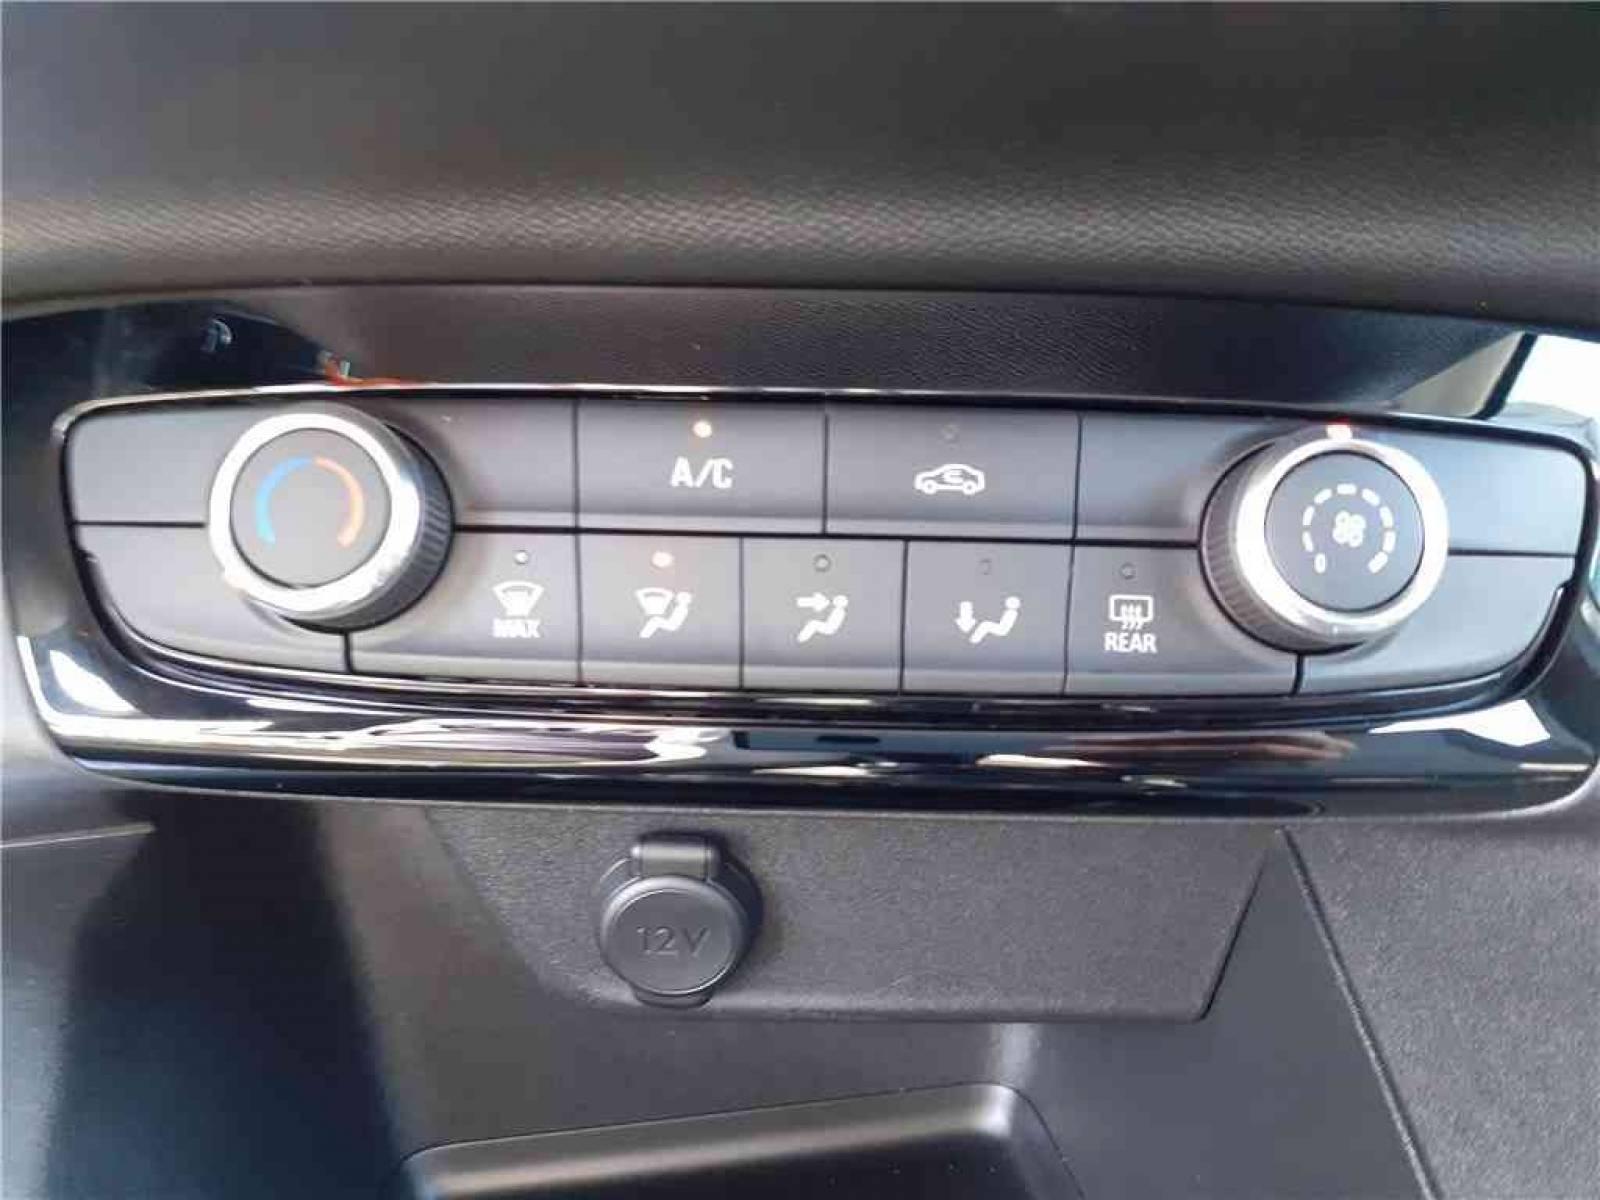 OPEL Corsa 1.2 75 ch BVM5 - véhicule d'occasion - Groupe Guillet - Opel Magicauto - Chalon-sur-Saône - 71380 - Saint-Marcel - 24